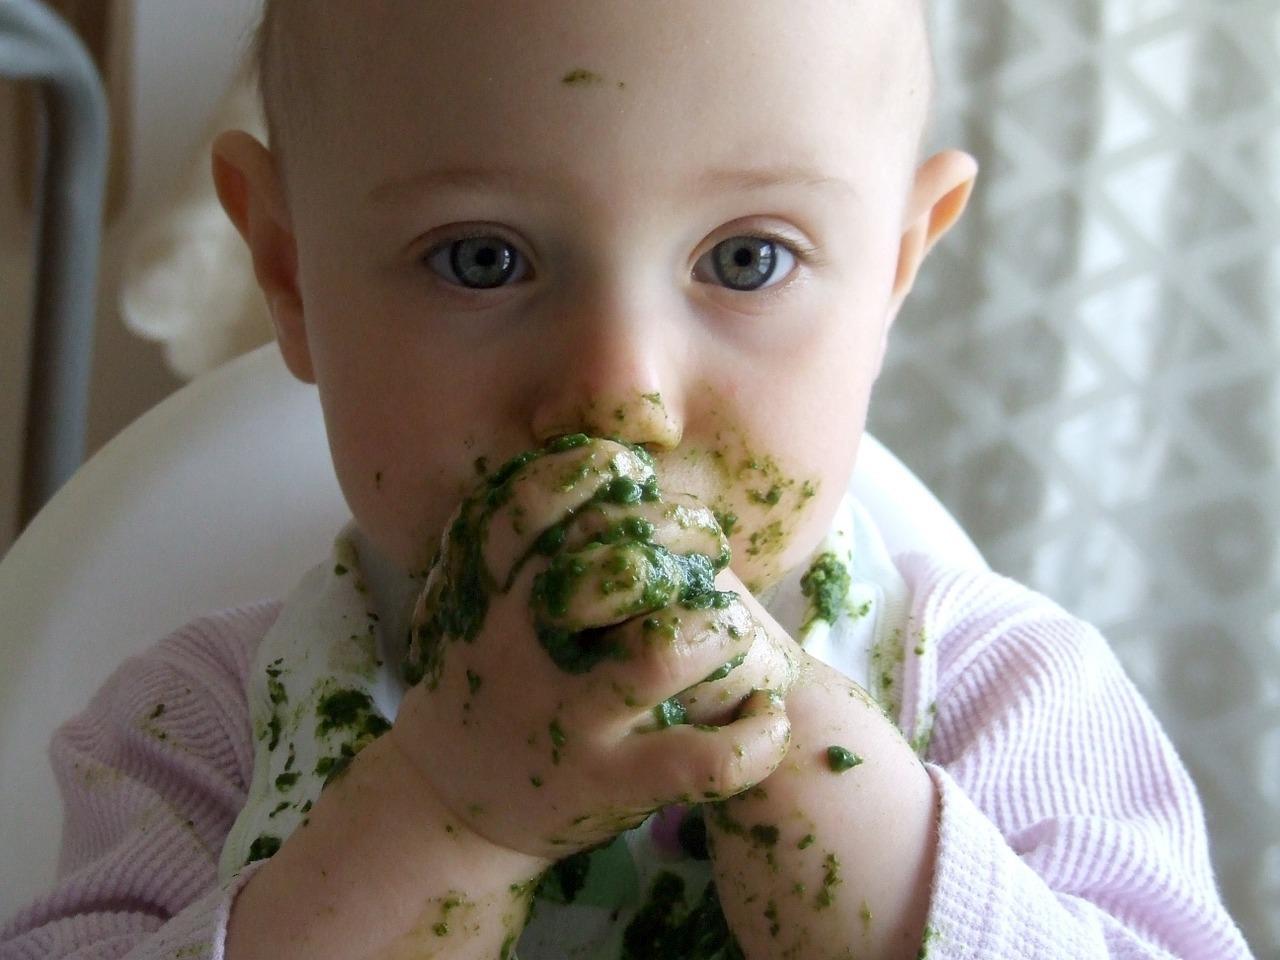 Repas bébé (c) Ajale CC0 pixabay - Public Domian